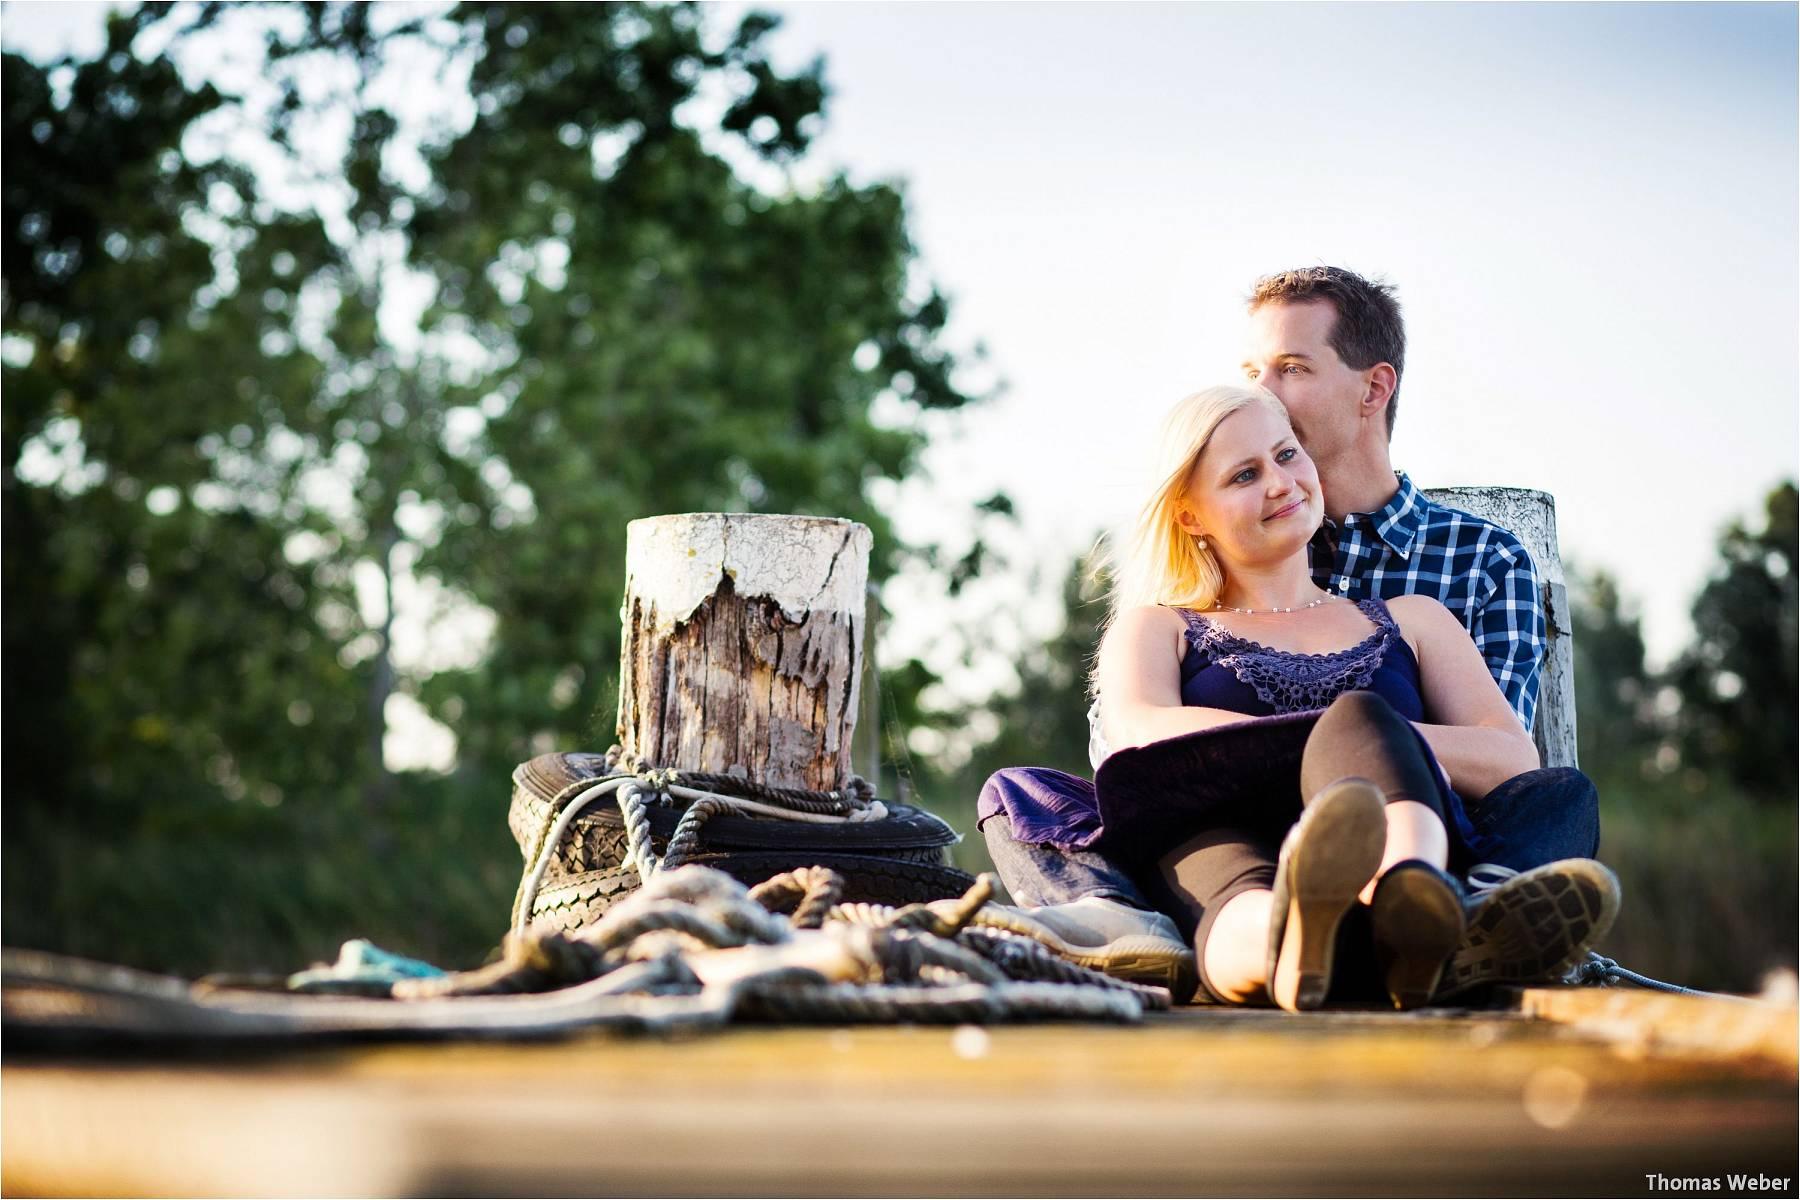 Hochzeitsfotograf Oldenburg: Engagement-Verlobungs-Paarfotos am Strand von Dangast/Varel an der Nordsee (4)